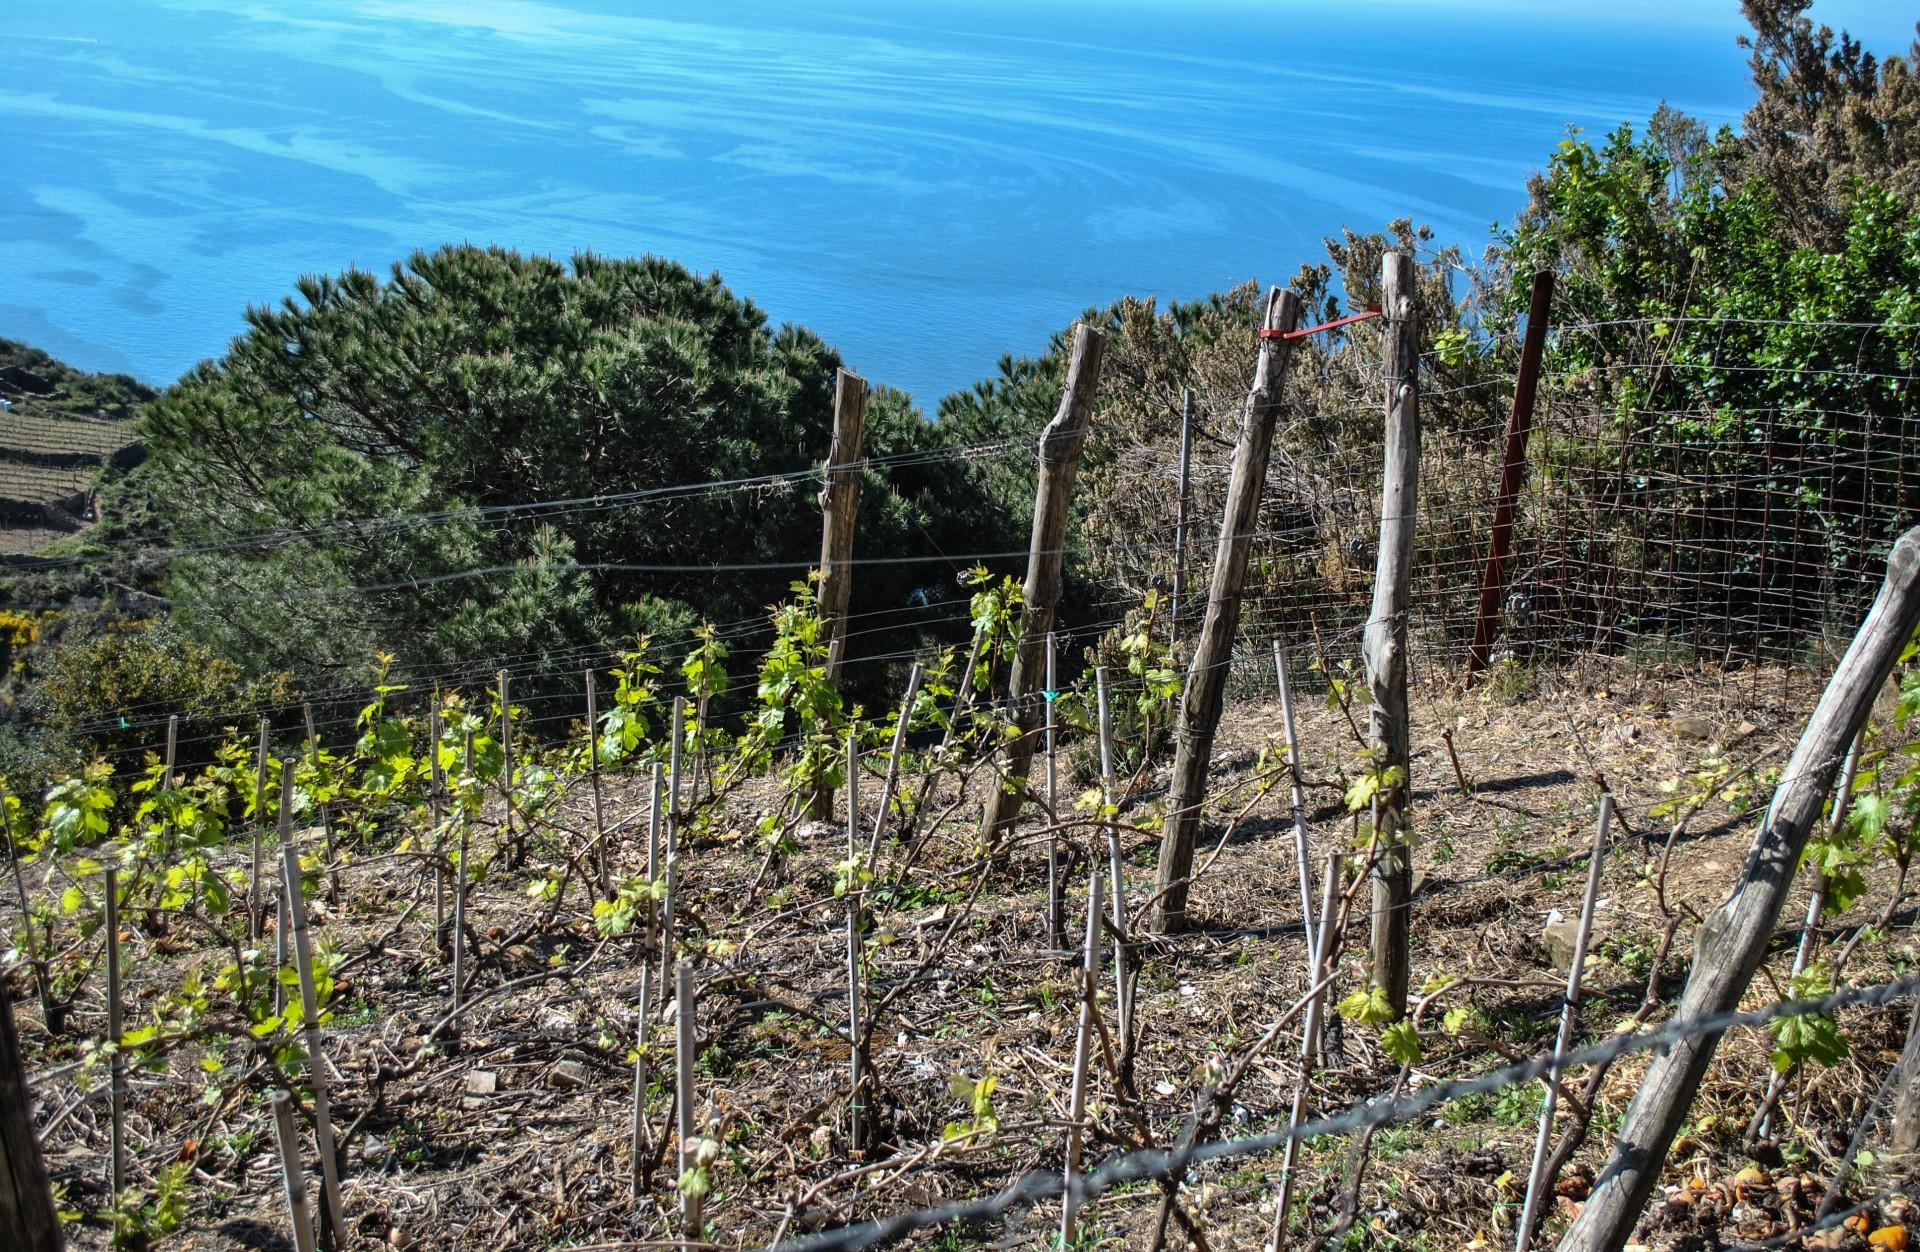 Tour del vino Cinque Terre: visita nel vigneto e degustazione con il vignaiolo